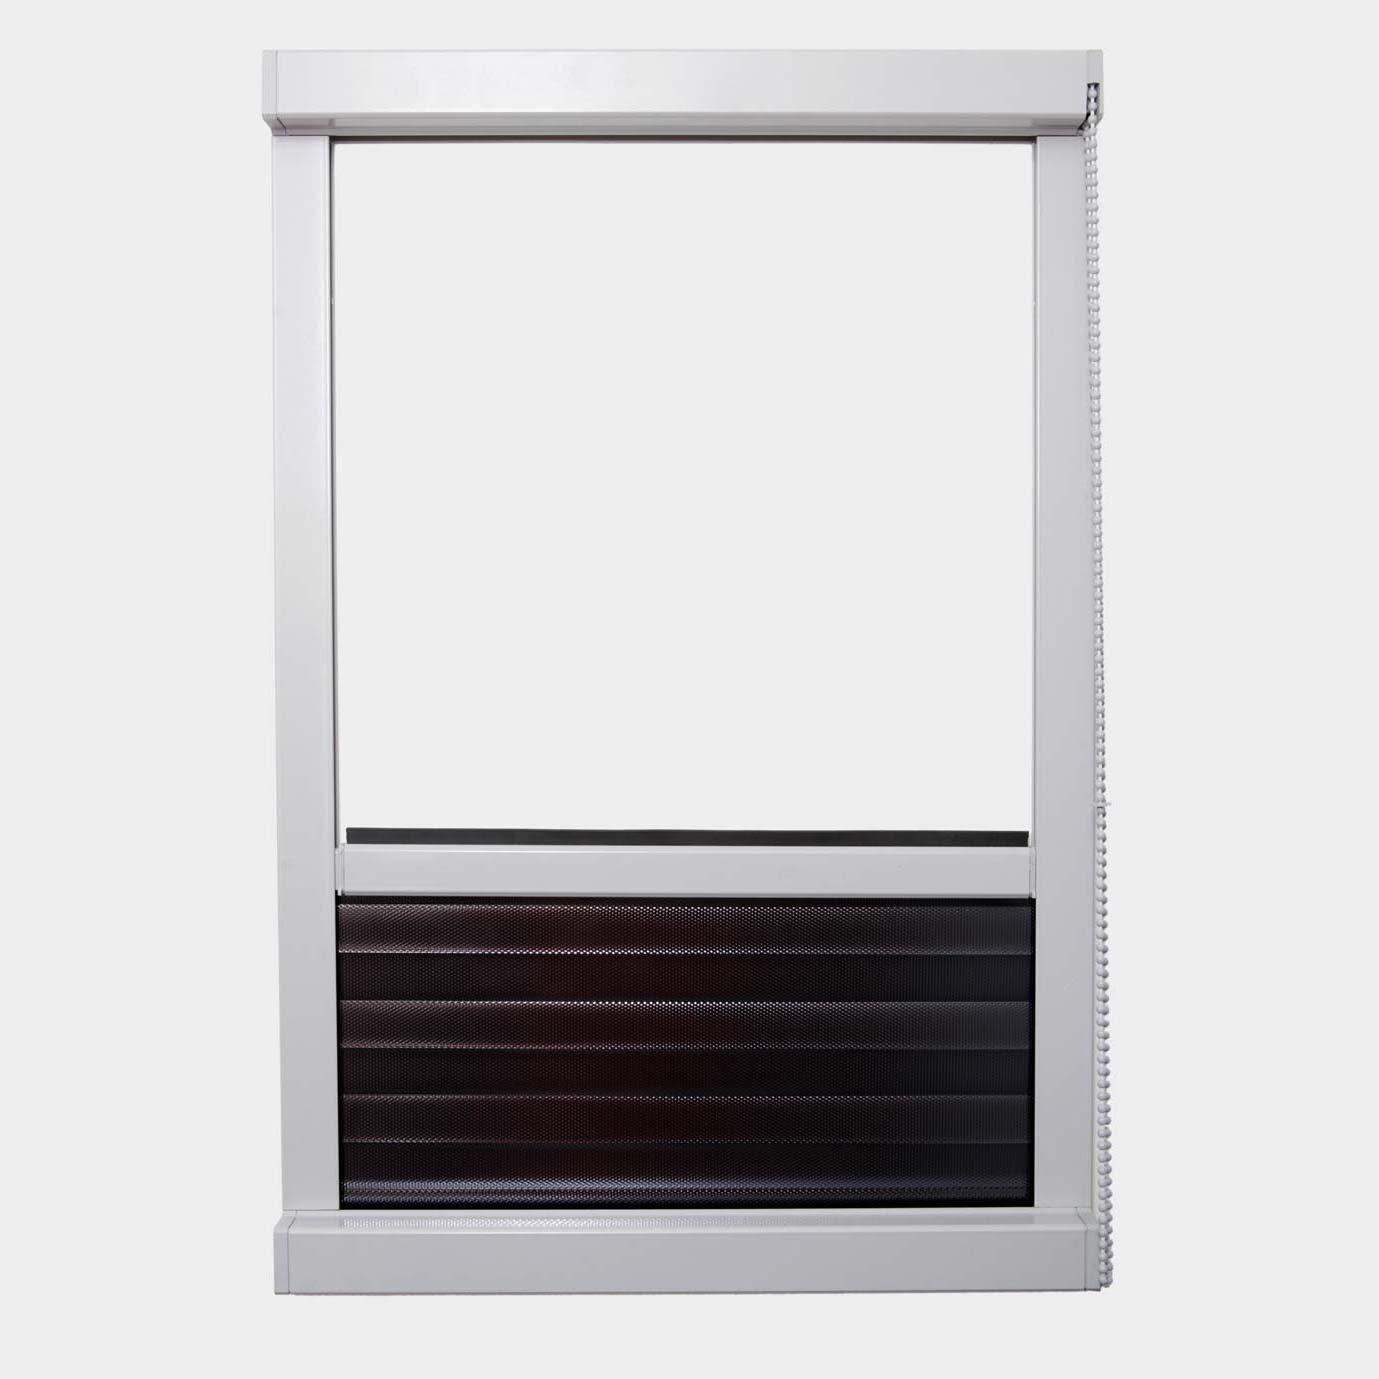 Full Size of Fenster Innen Sonnenschutz Obi Verdunkeln Montage Ohne Bohren Stoff Ikea 2m Breit Am Hochreflektierend Vom Hersteller Schräge Abdunkeln Marken Velux Fenster Fenster Rollos Innen